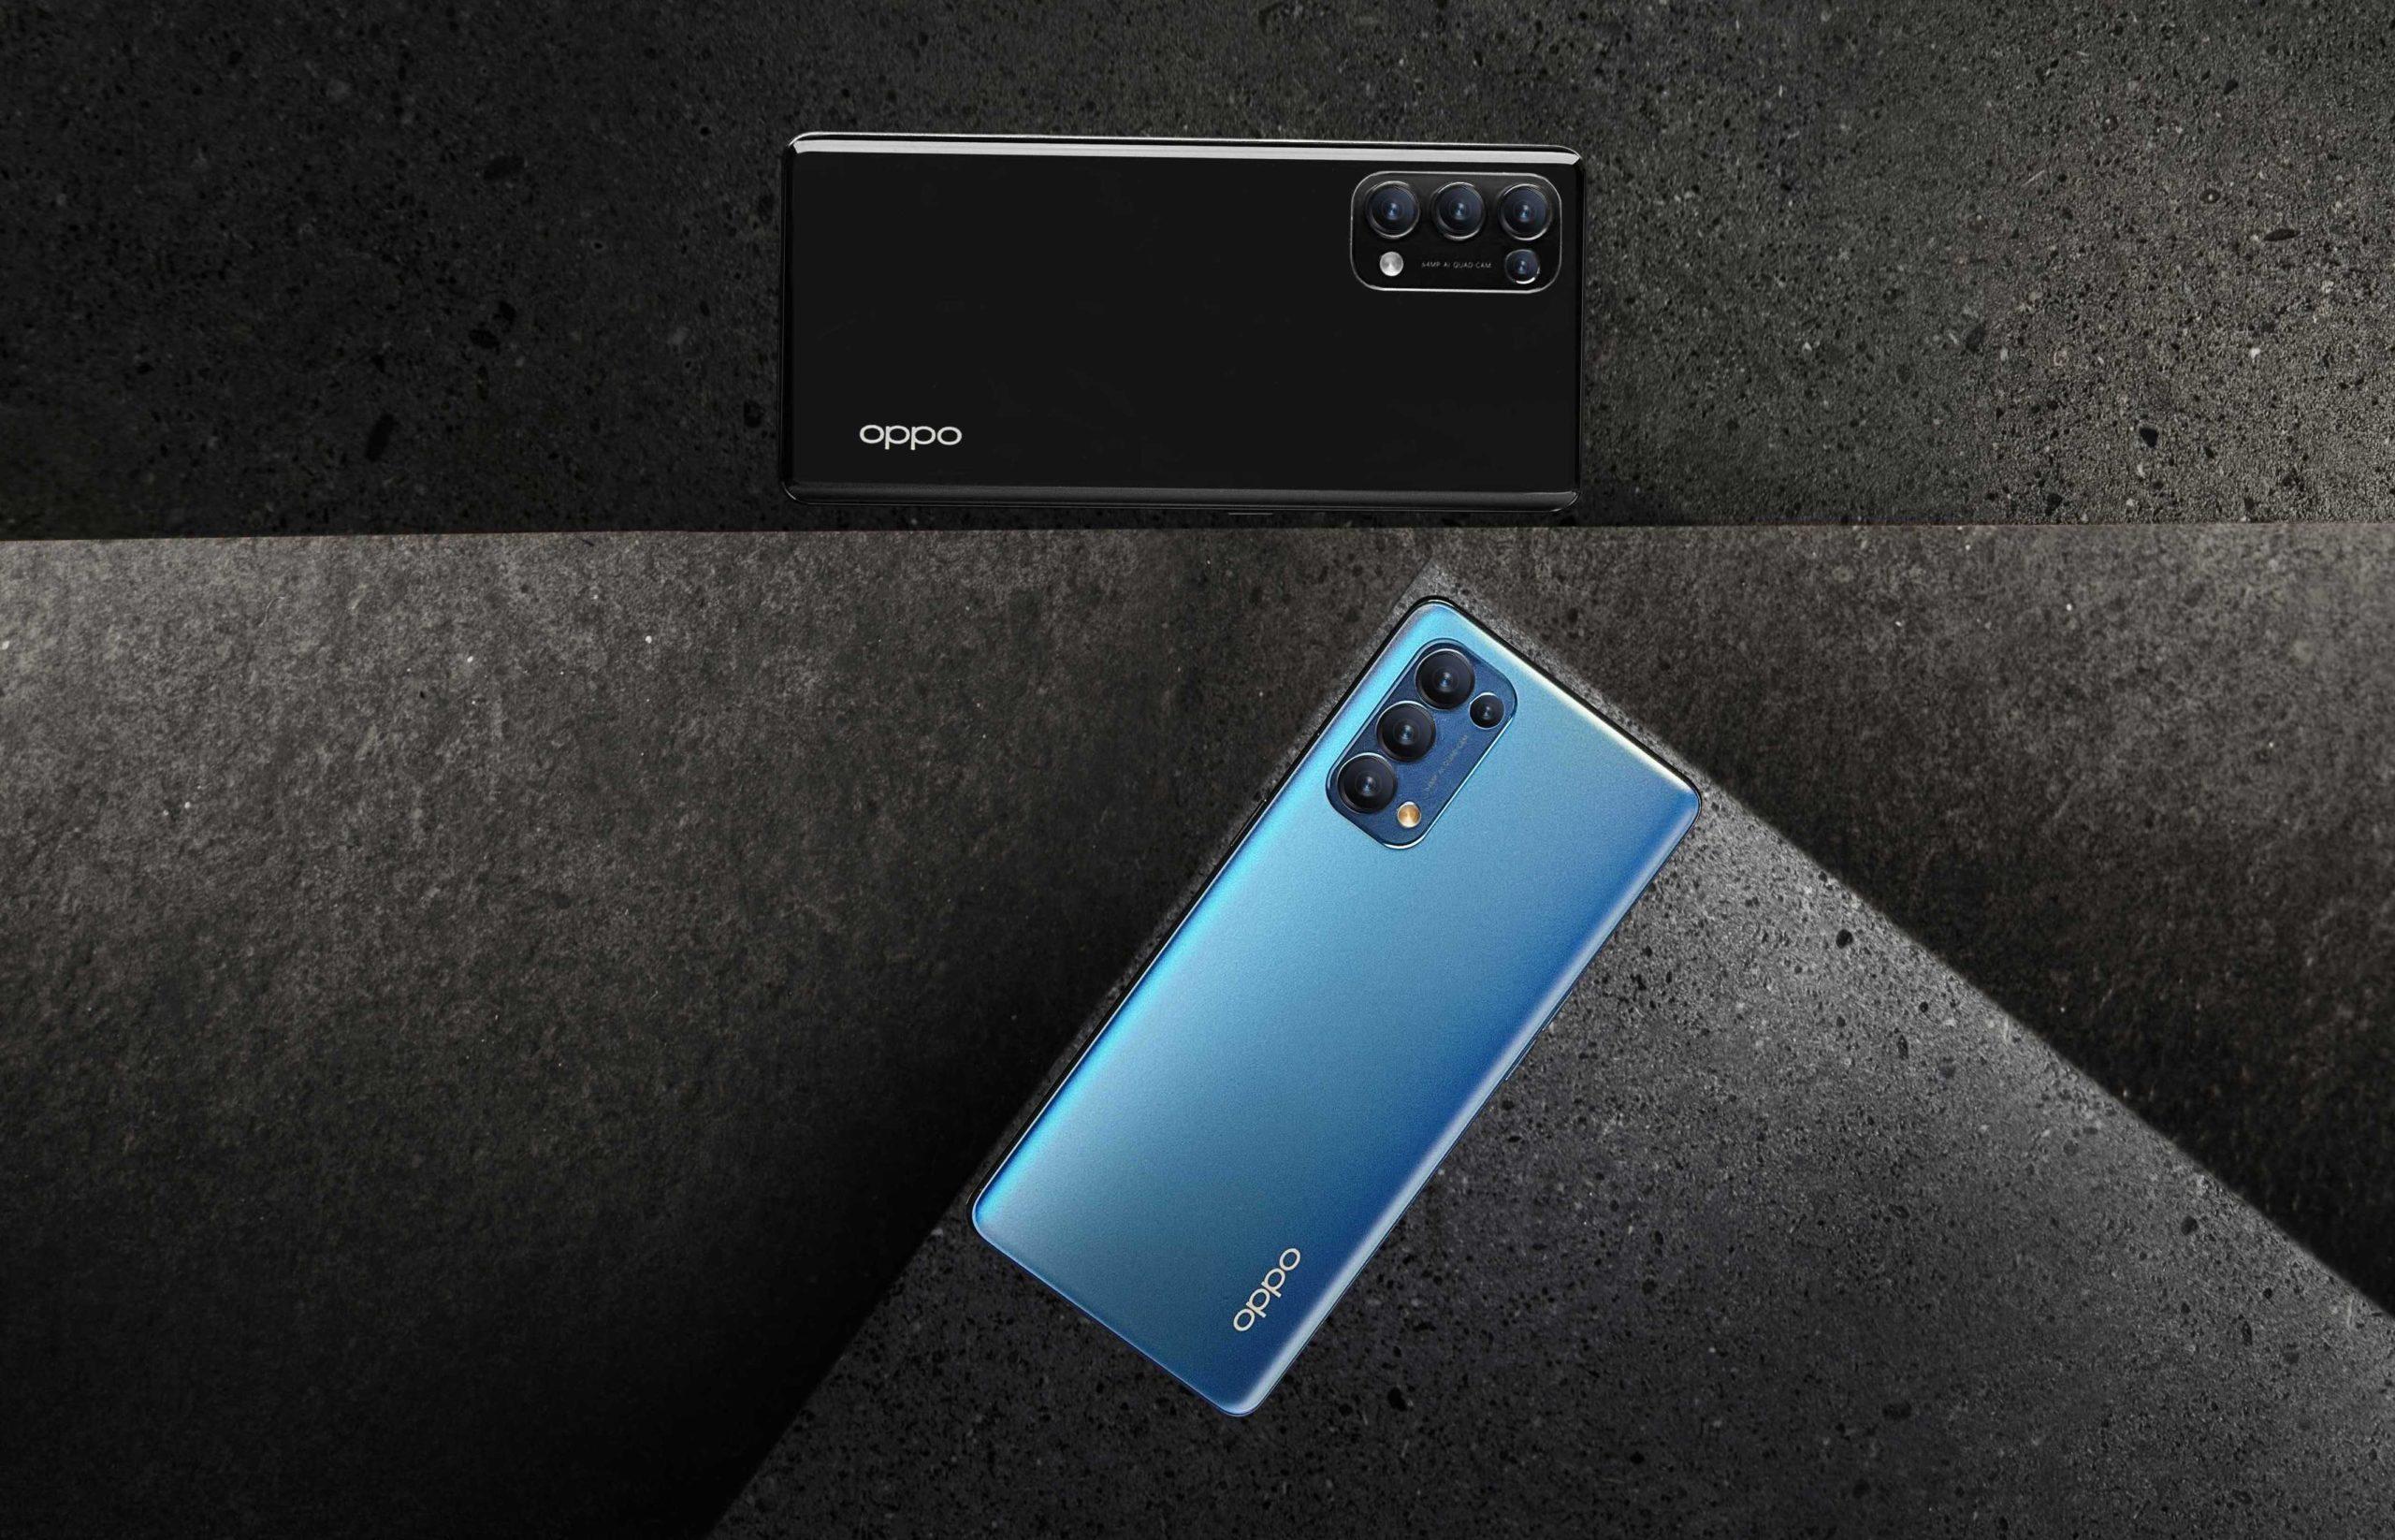 Oppo Reno 5 Pro 5G: MediaTek Dimensity 1000+, 65W Fast-Charging